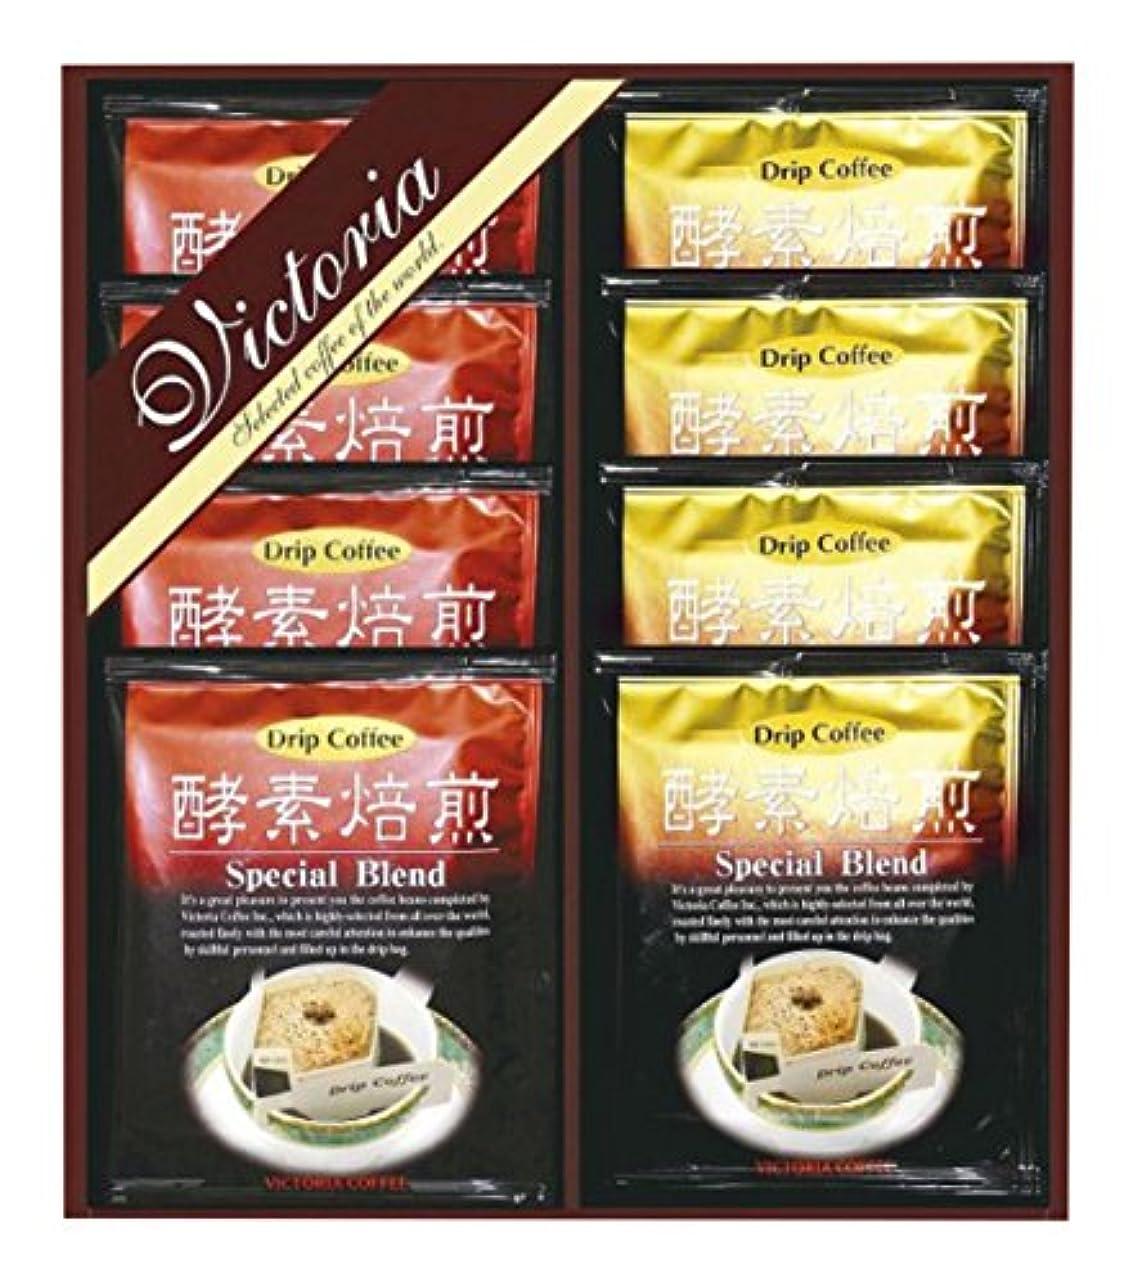 液体無線サルベージ珈琲屋さんの酵素焙煎ドリップコーヒー 287-3361-111 TD-100